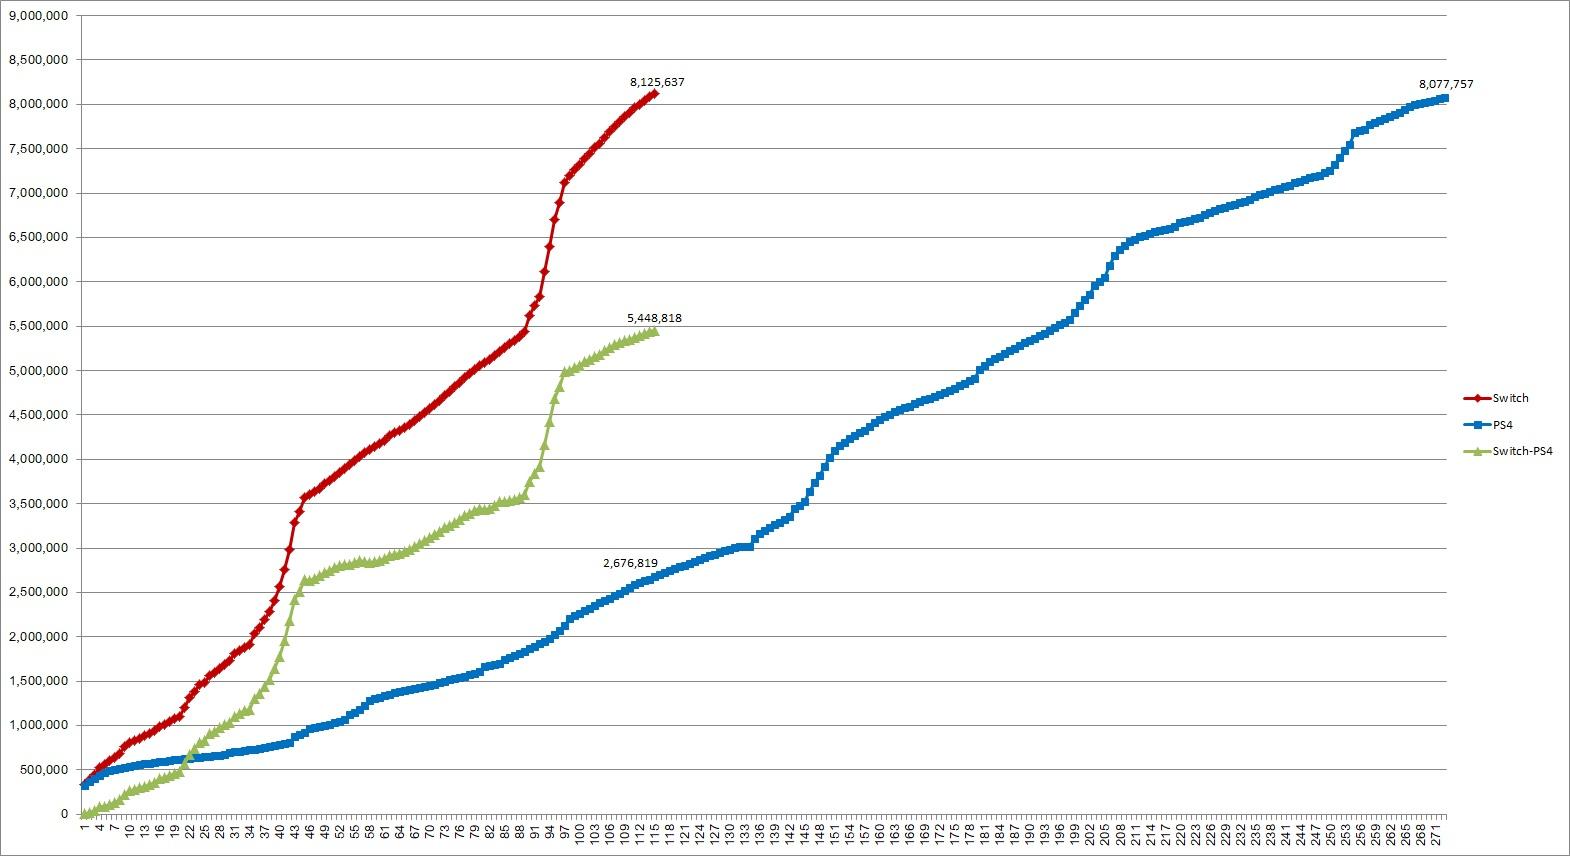 Nintendo Switchの国内累計販売台数が812万台を突破。PS4&PS4 Proの合算を上回る